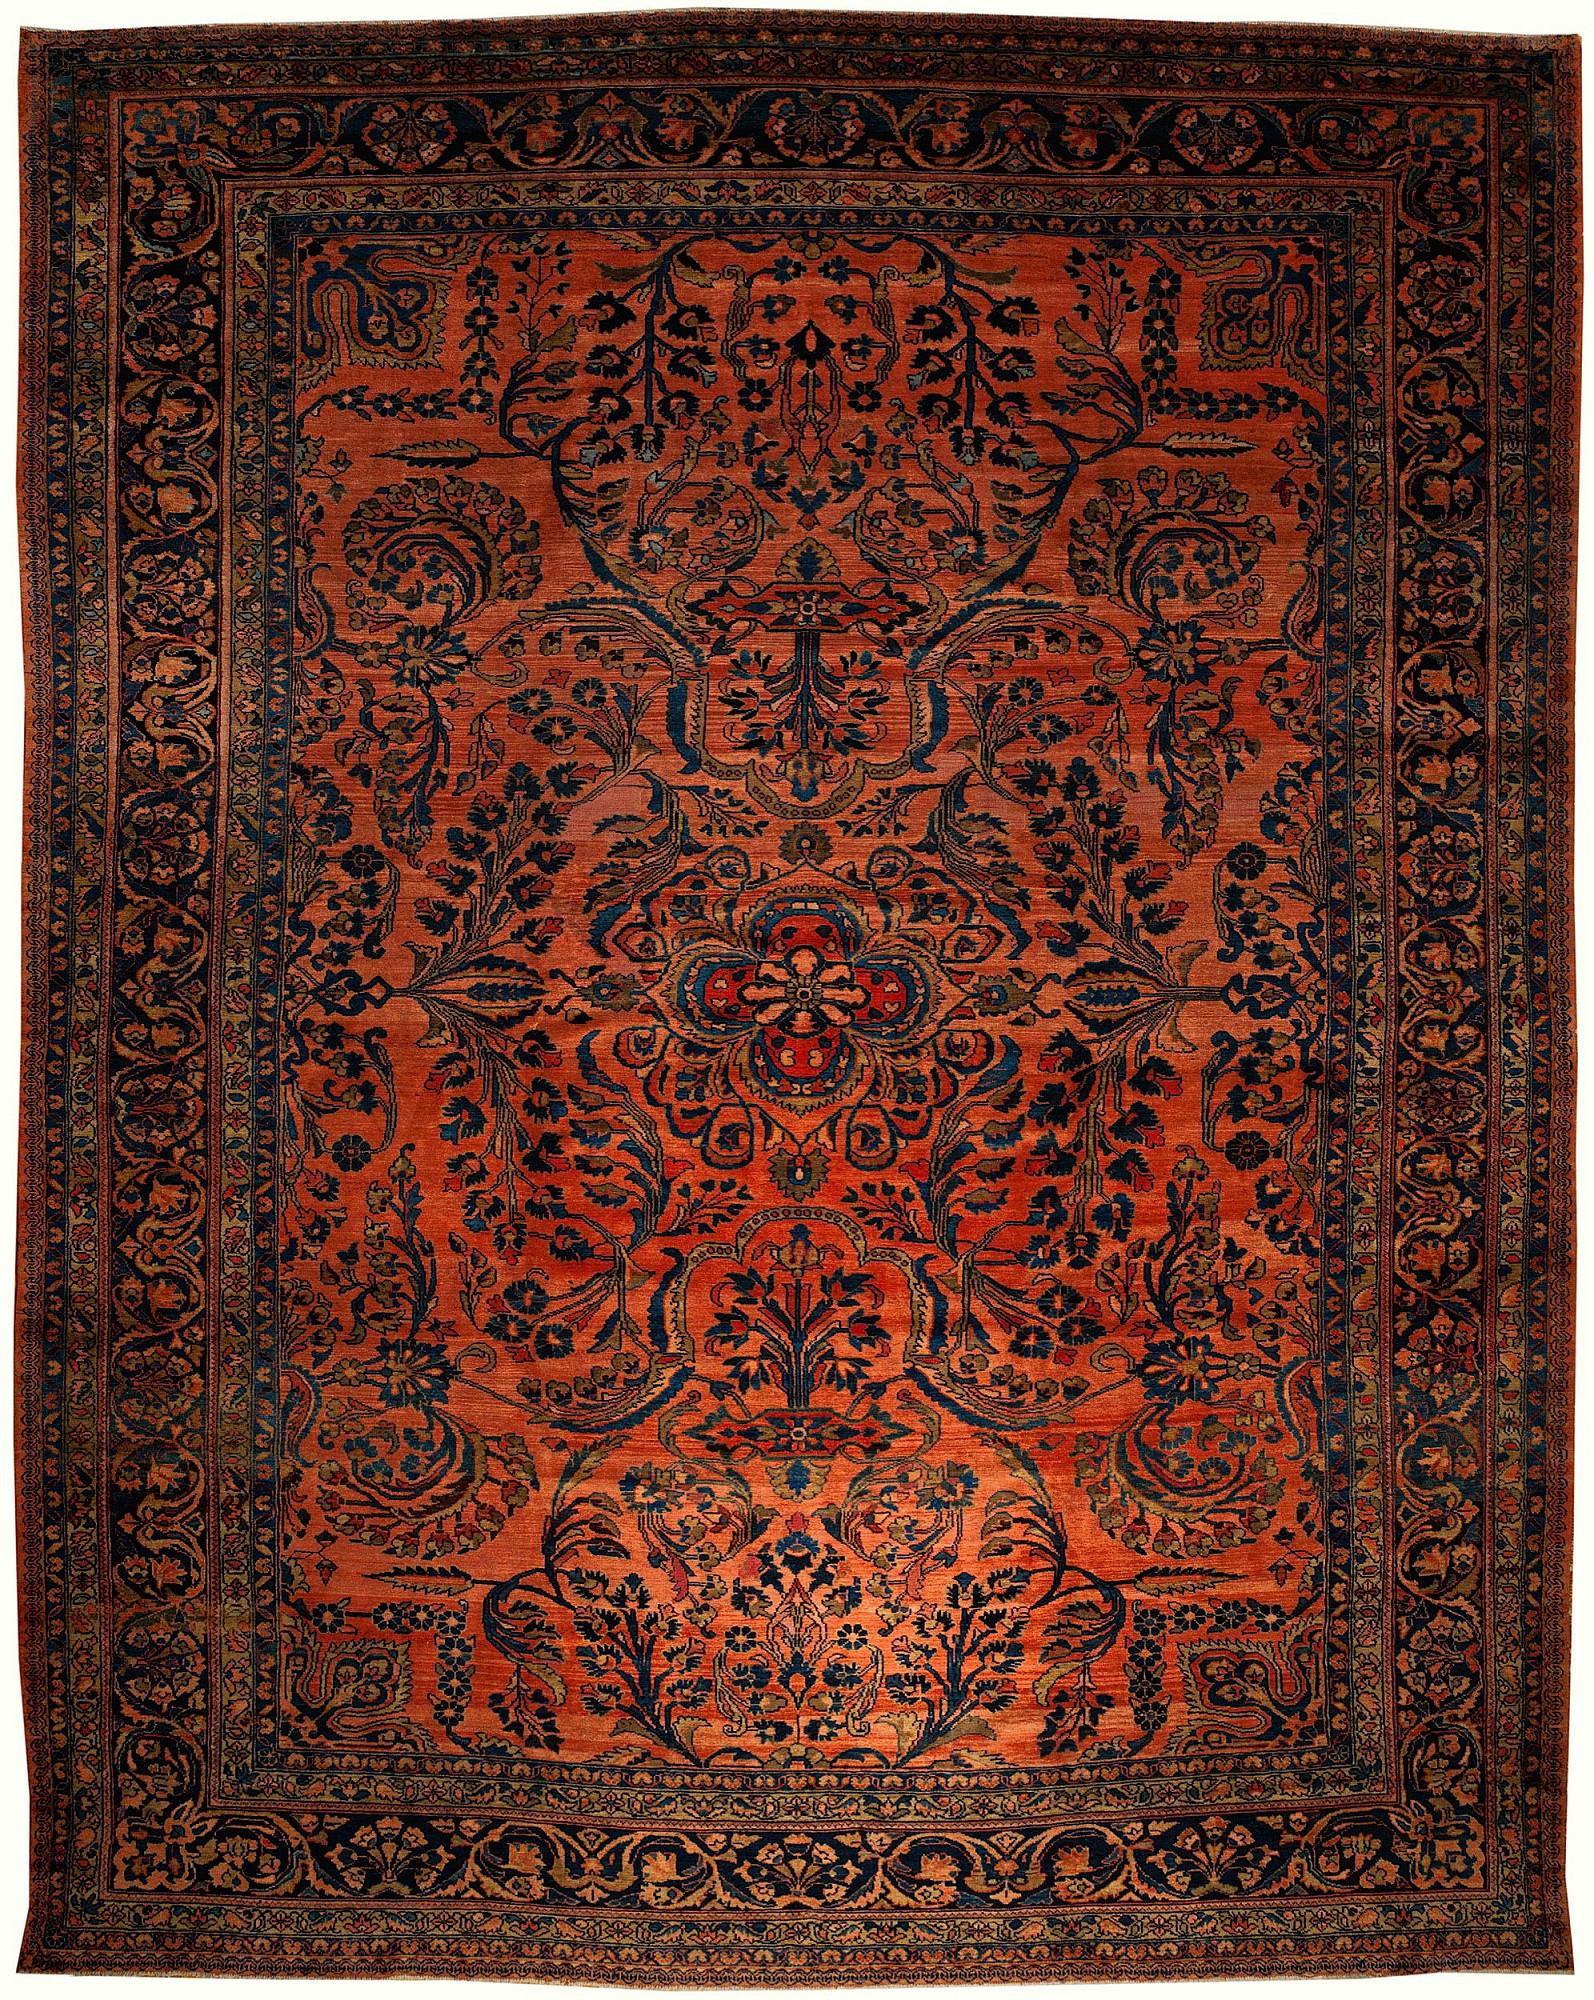 Persian Lilian Rectangle 10x13